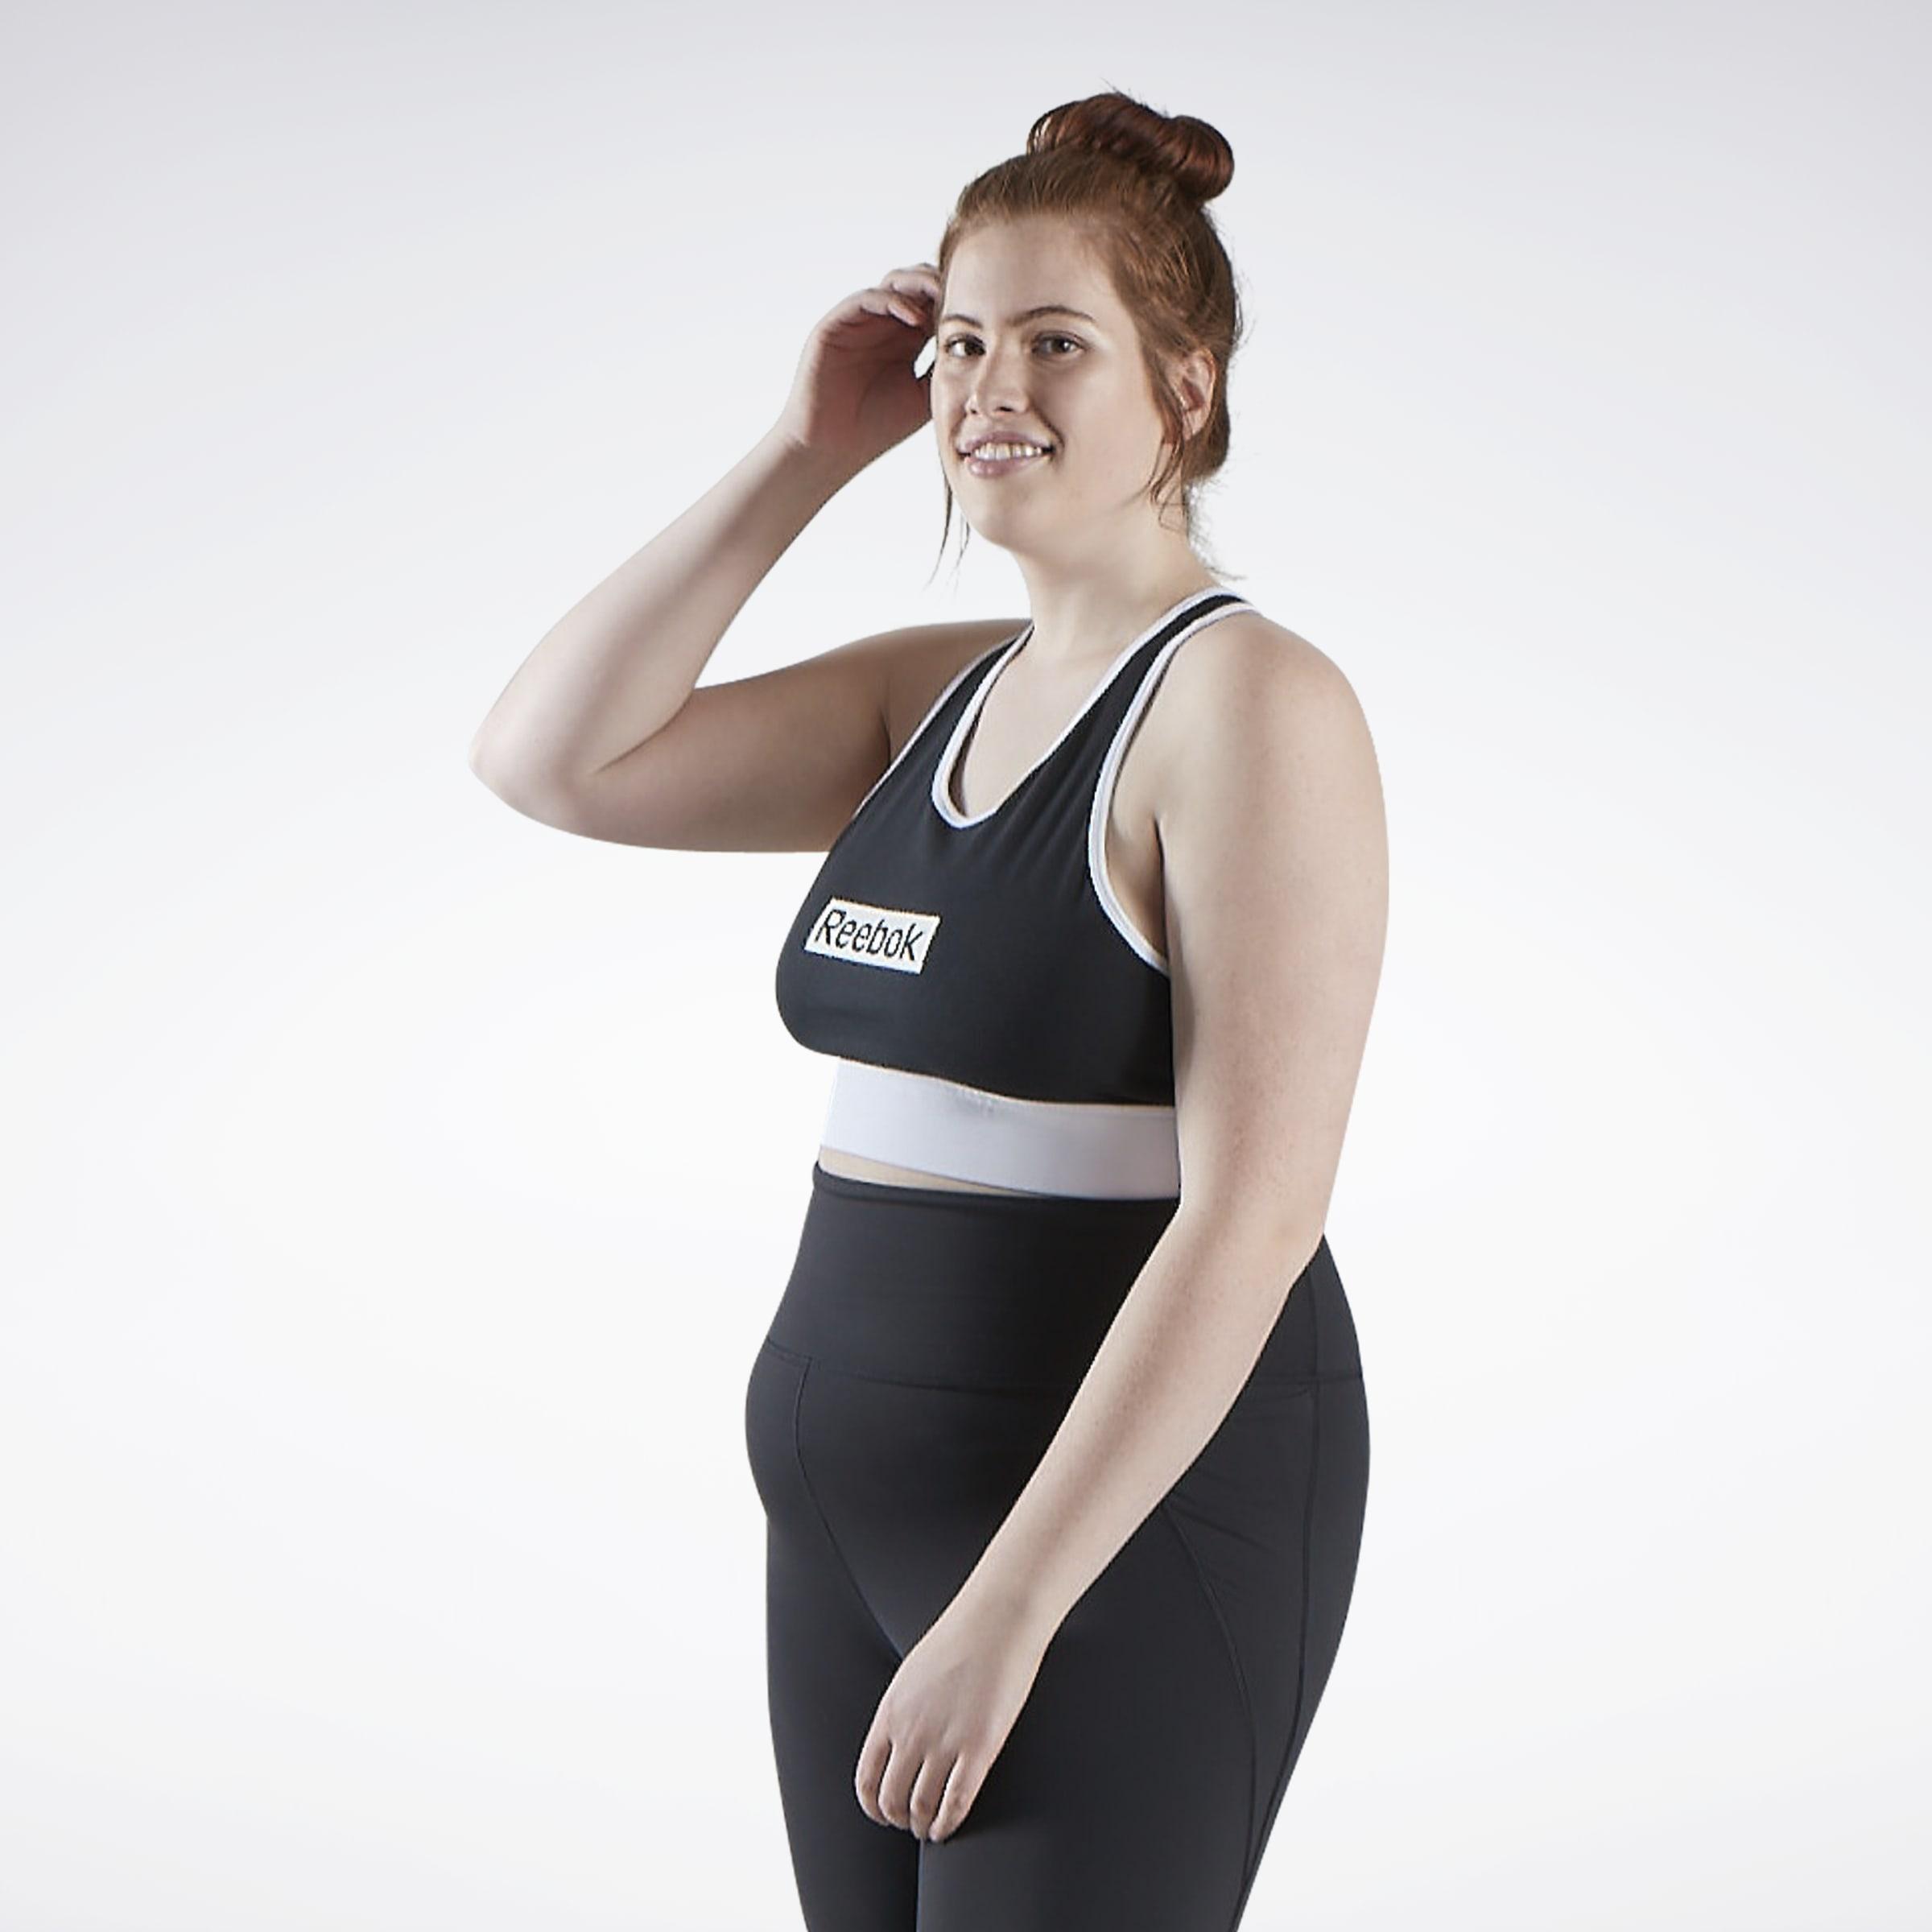 Nero Donna Palestra Allenamento Fitness NUOVO Reebok Yoga più a lungo reggiseno canotta